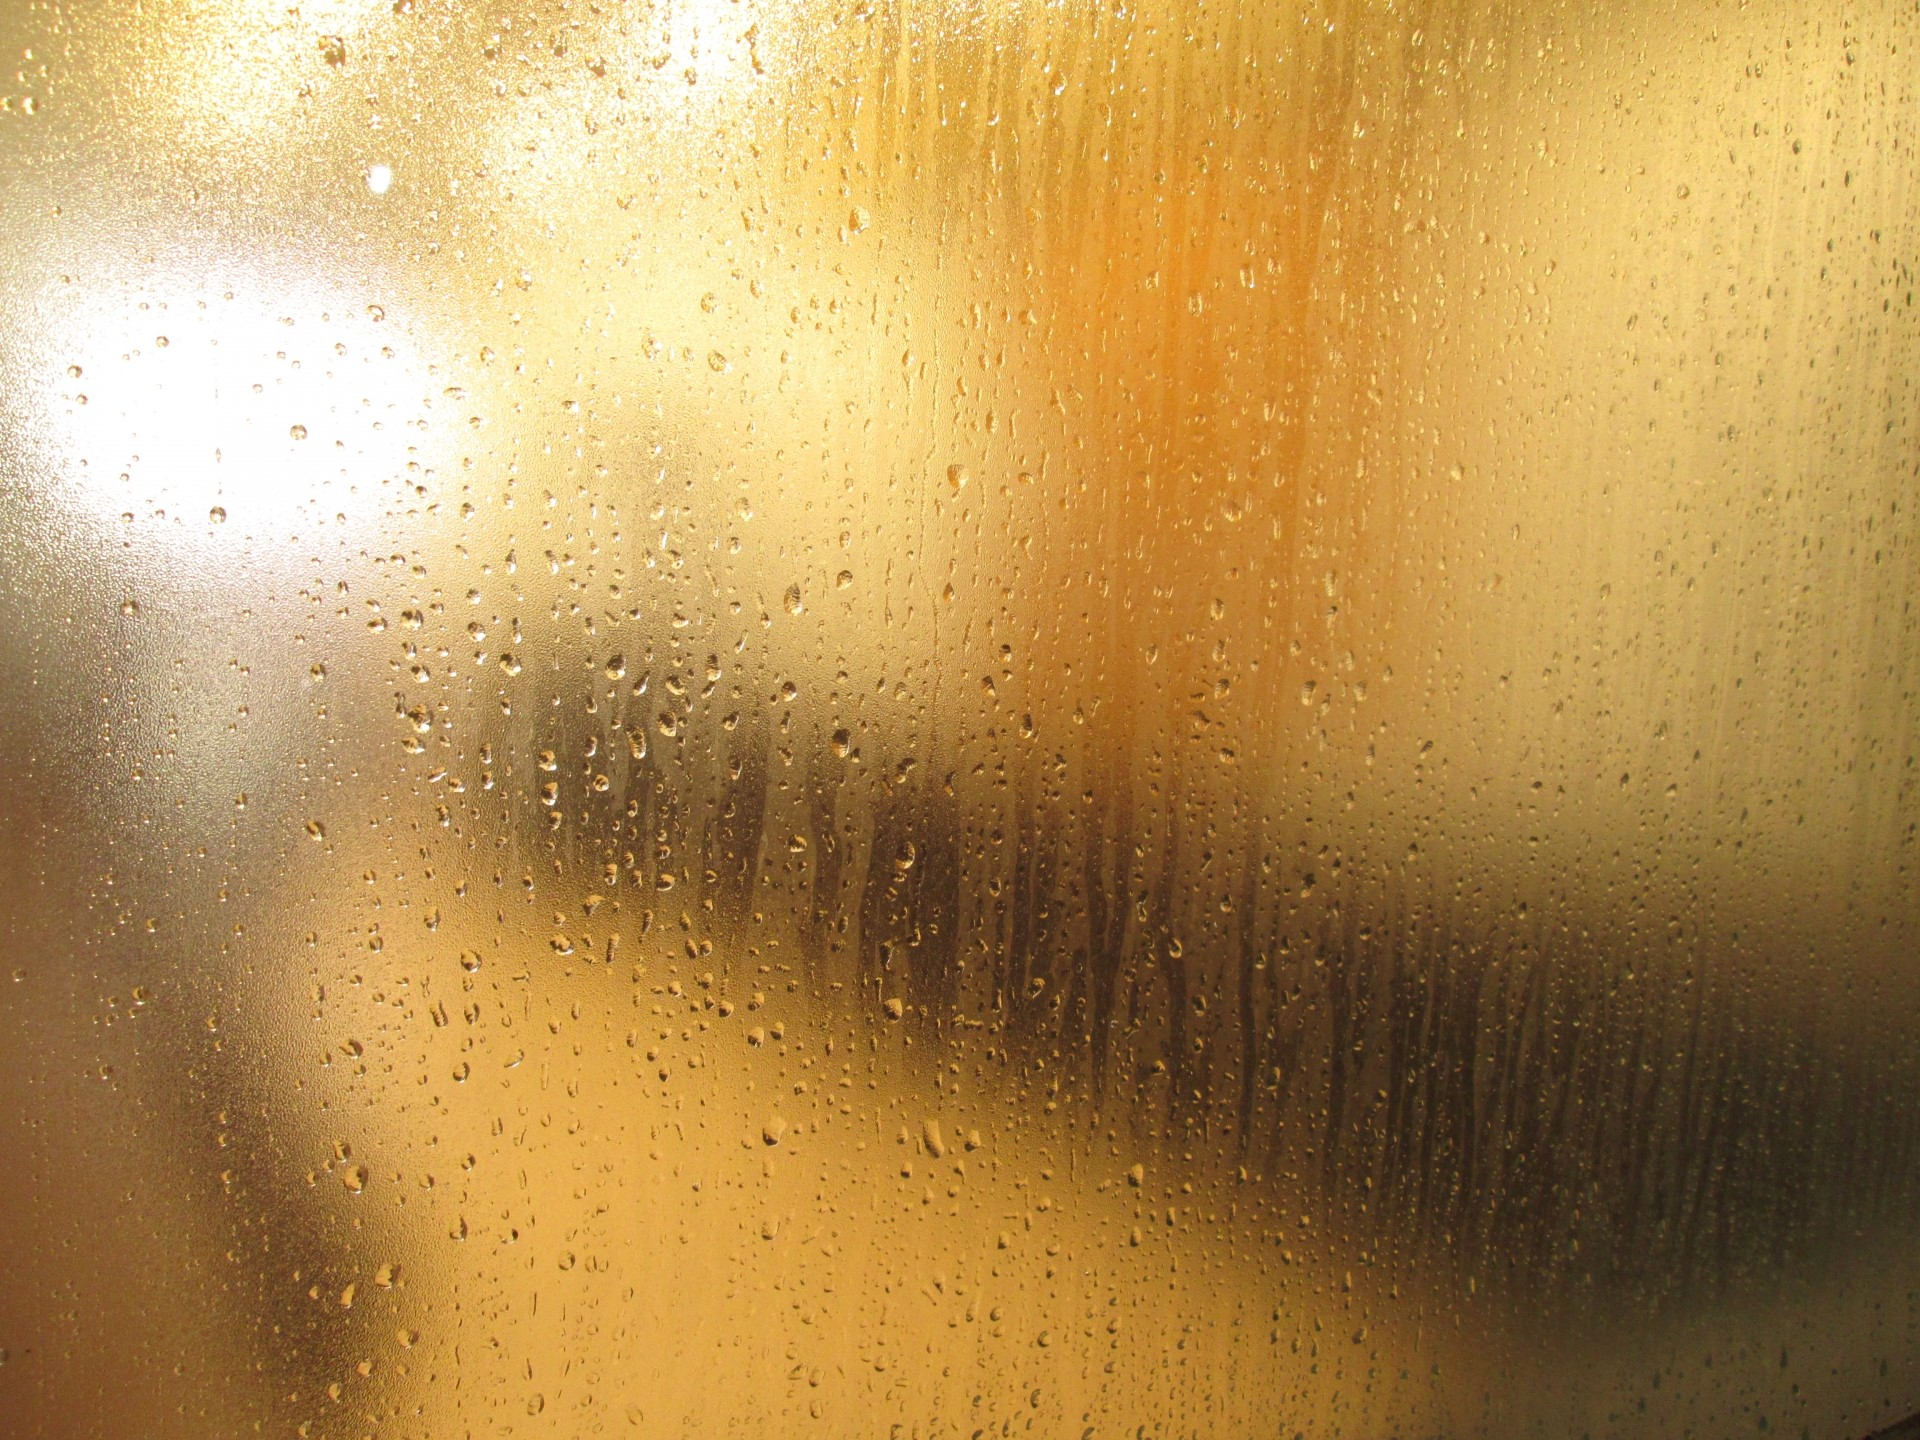 湿度60%温度5℃以上で発生